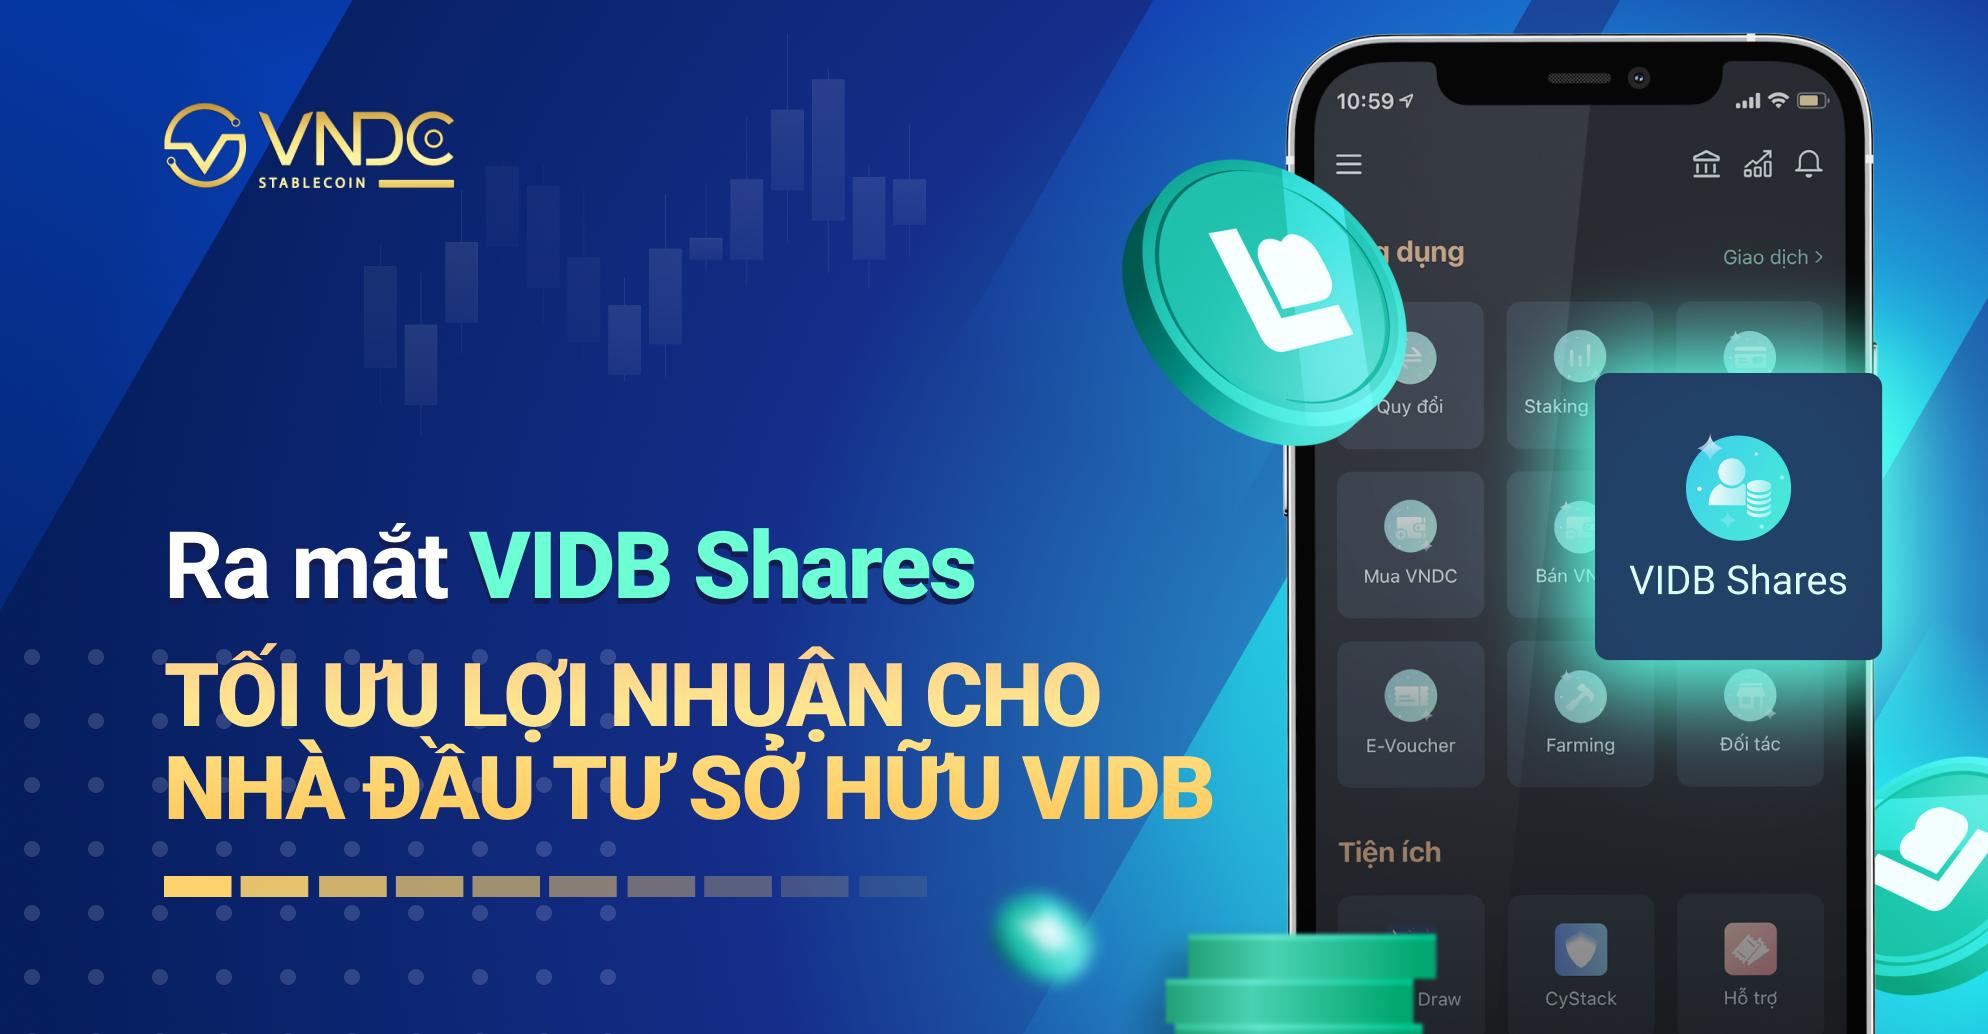 Ra mắt VIDB Shares: Tối ưu lợi nhuận cho nhà đầu tư sở hữu VIDB